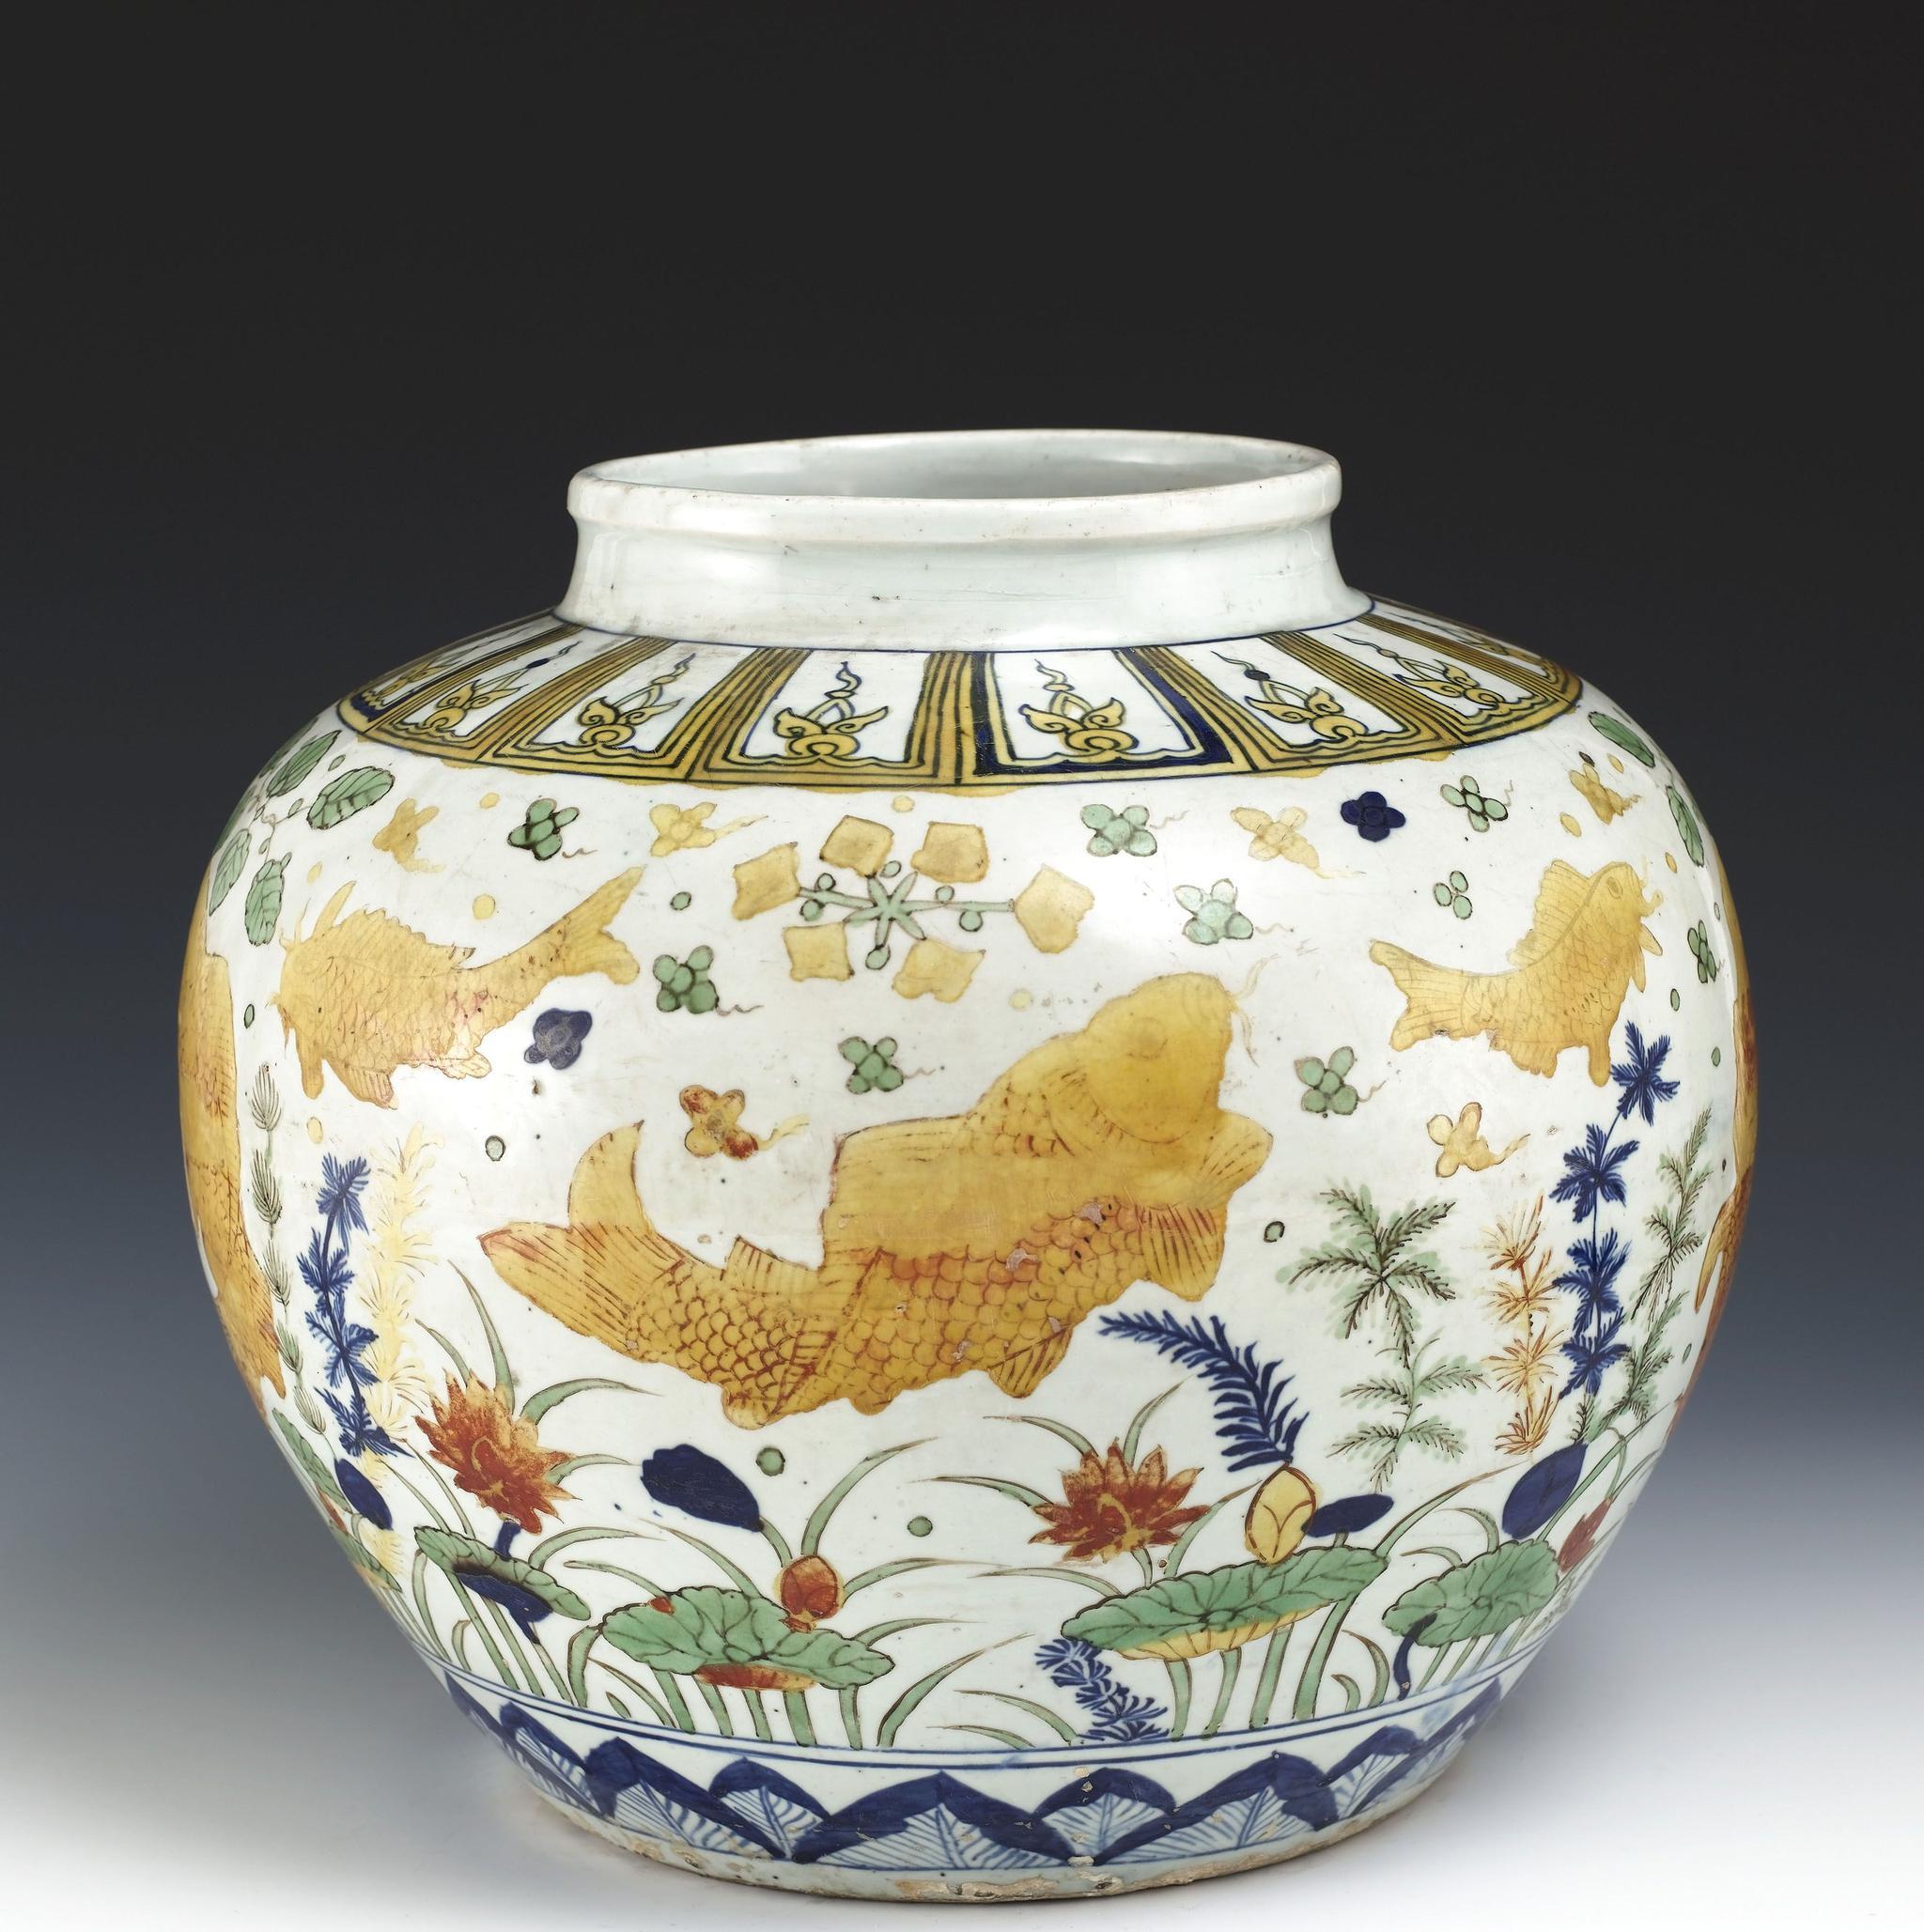 上海博物馆,典藏明正德到万历年间瓷器!堪称珍宝!